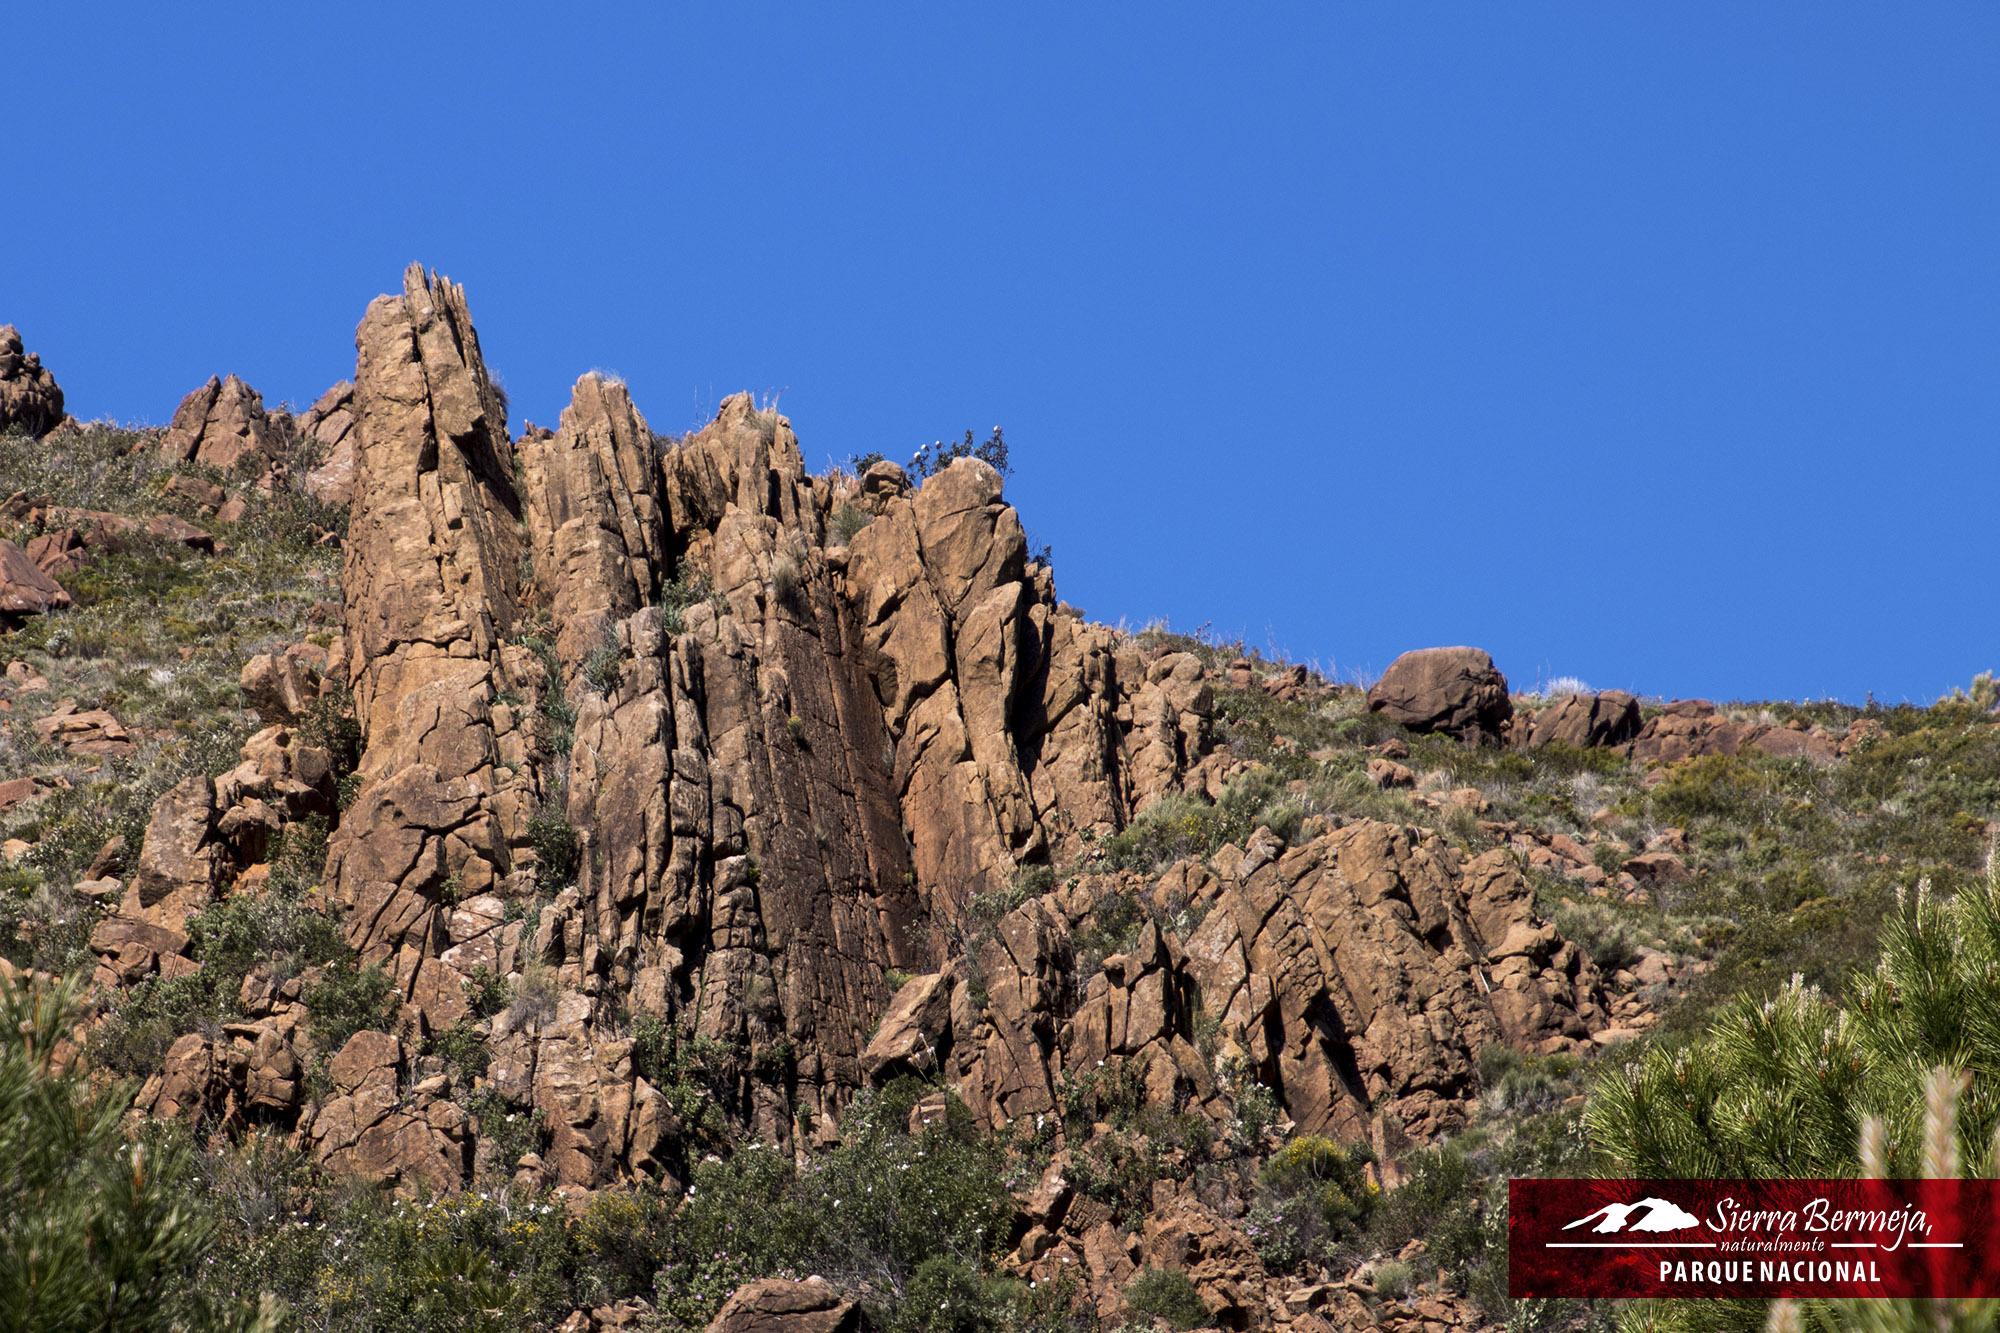 Las peridotitas de Sierra Bermeja. La mejor representación de los ecosistemas serpentínicos en España